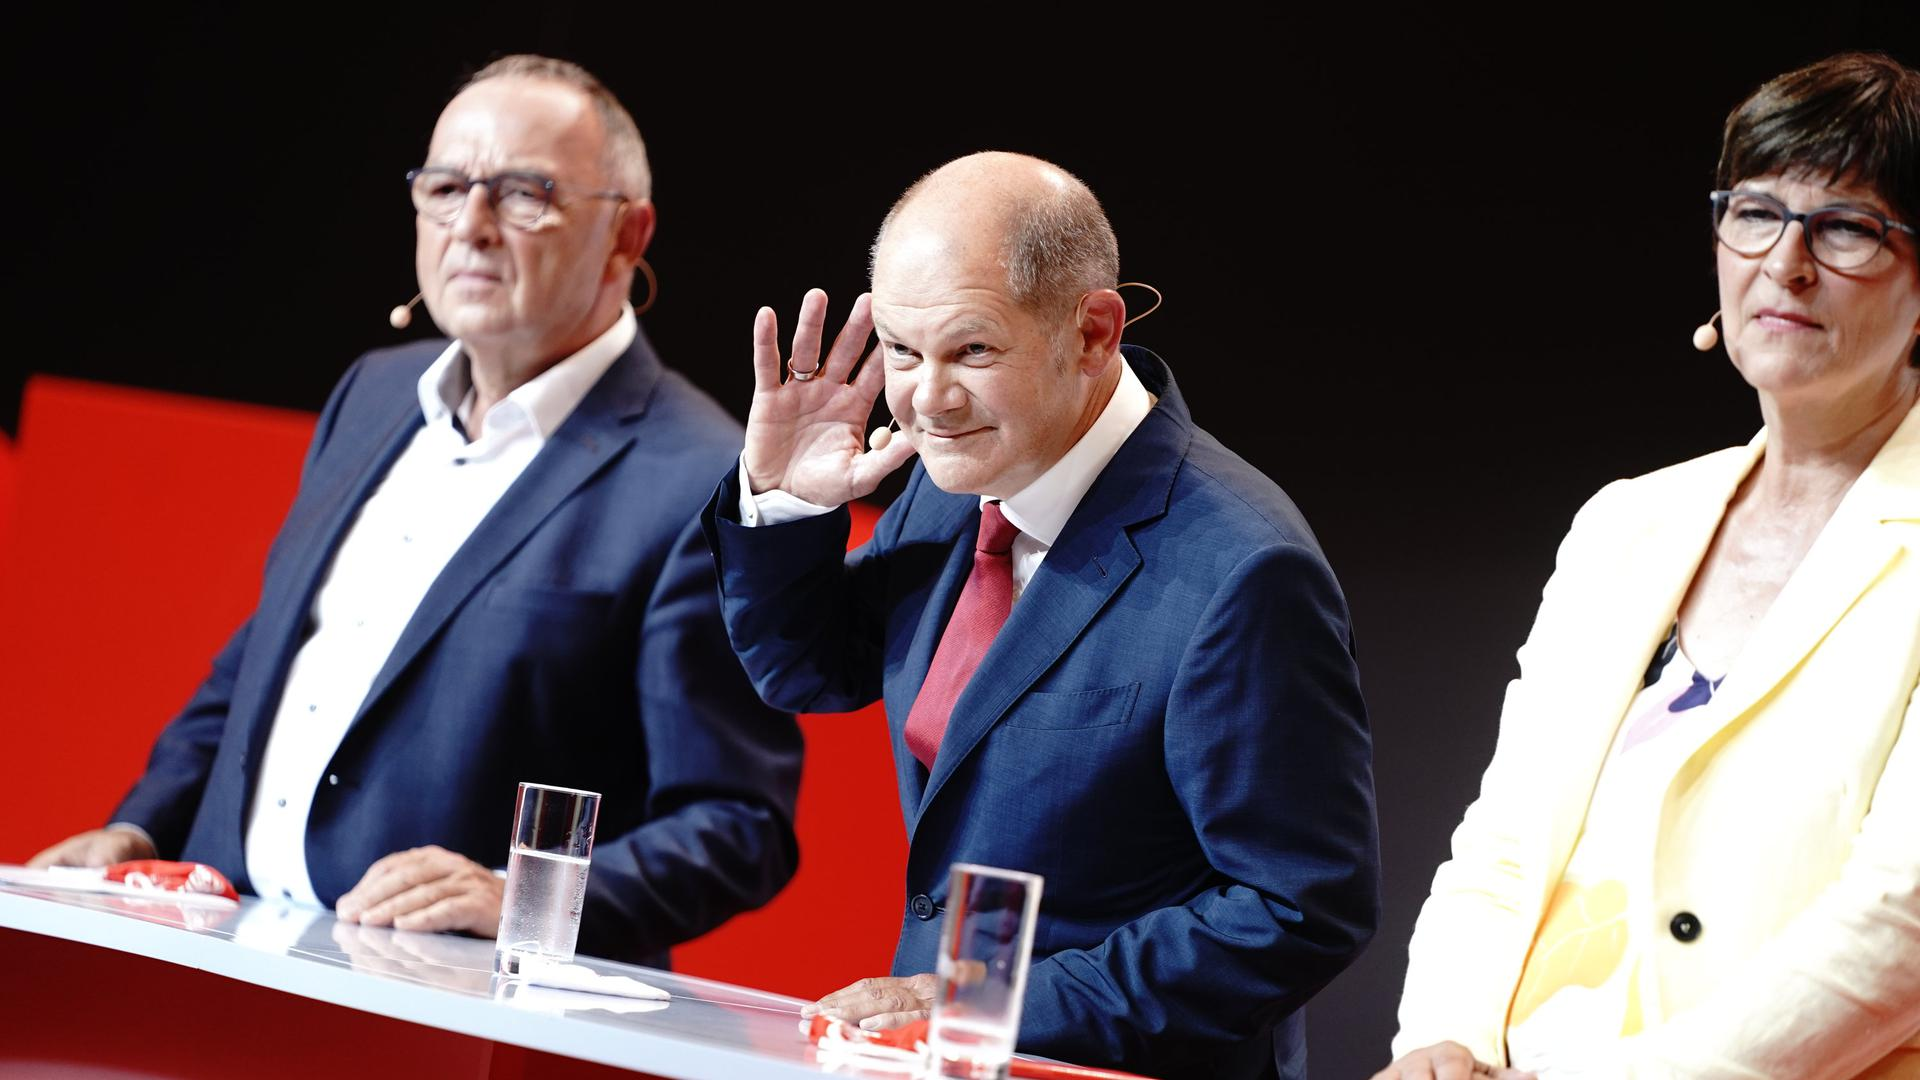 Olaf Scholz wird auf einer Pressekonferenz neben Saskia Esken und Norbert Walter-Borjans als Kanzlerkandidat seiner Partei für die Bundestagswahl 2021 vorgestellt.